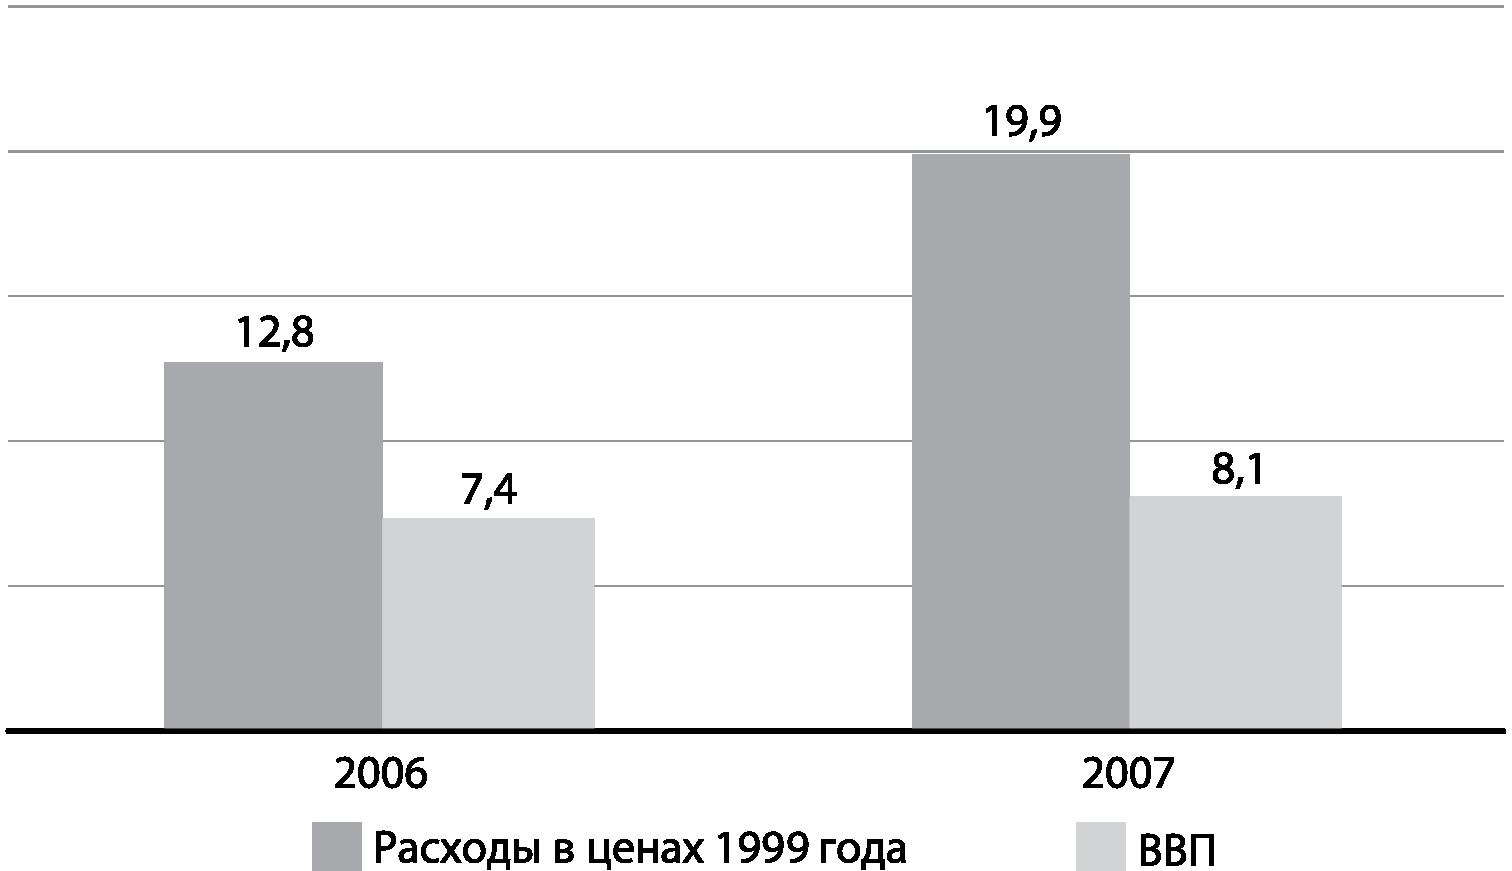 профицит и дефицит схема